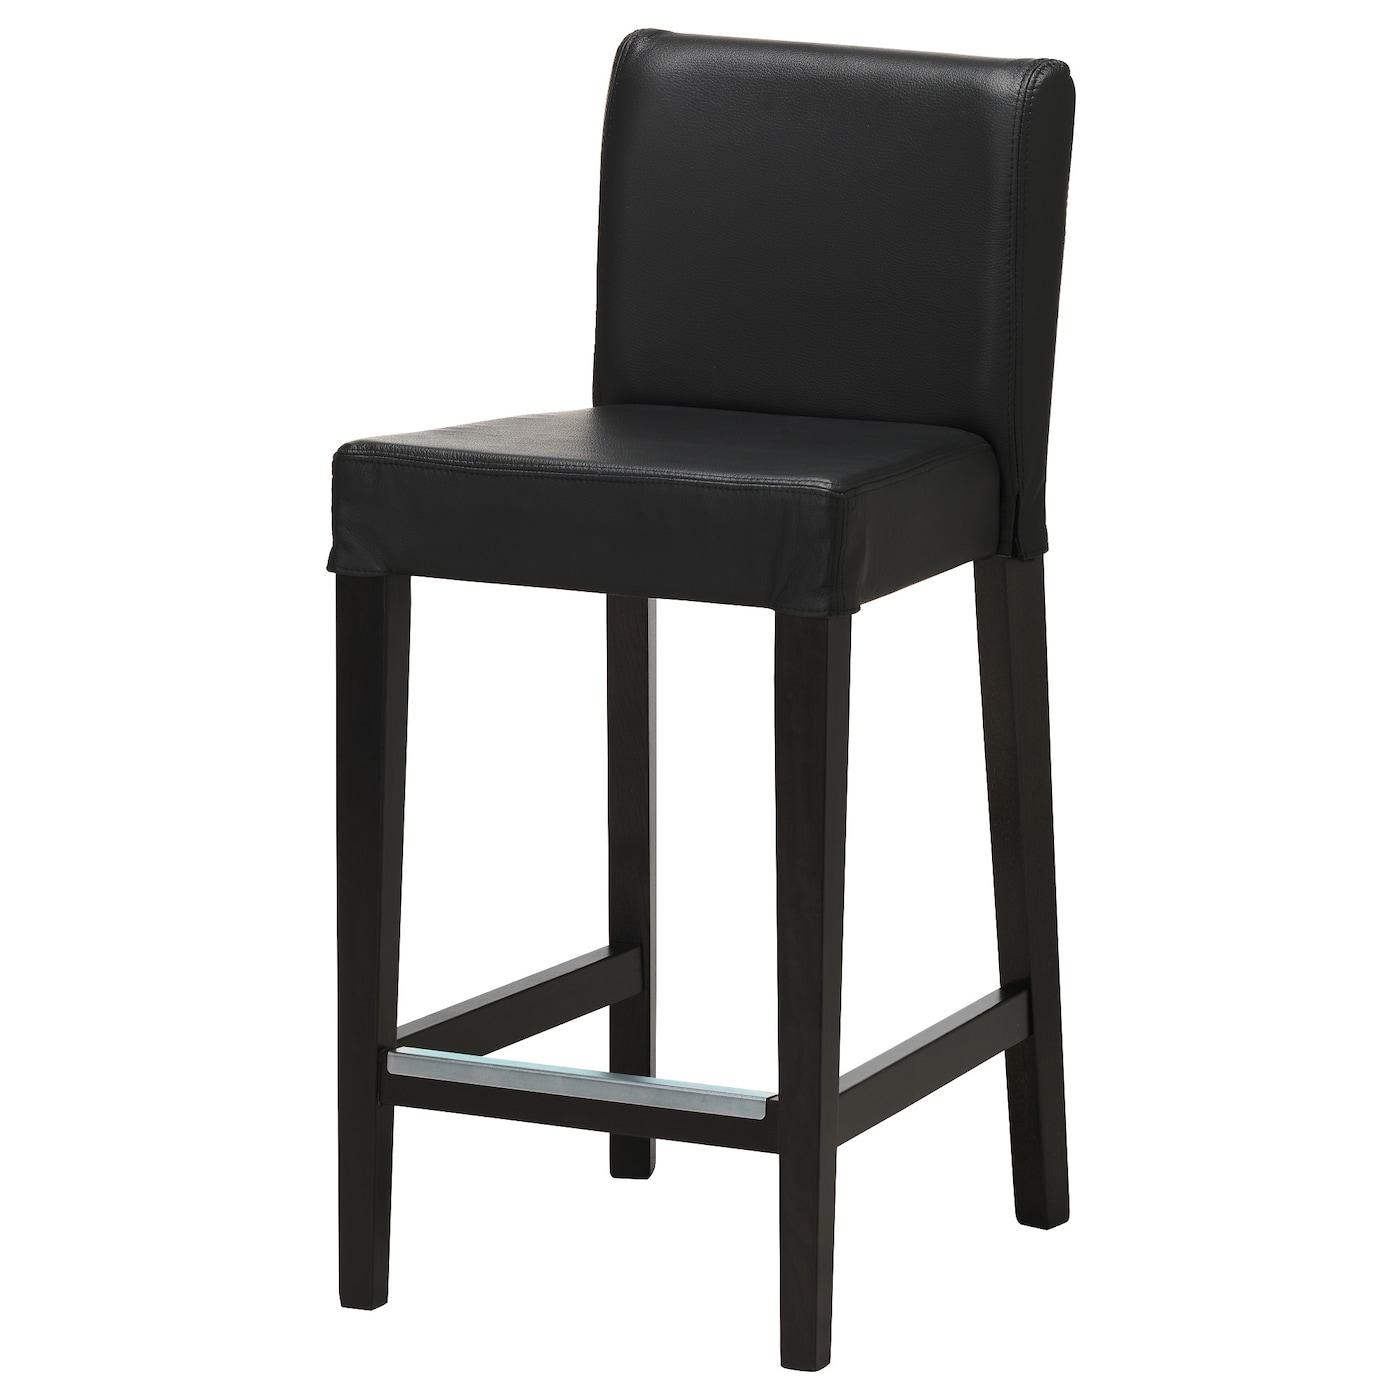 HENRIKSDAL Bar stool with backrest Brown black glose black 74 cm